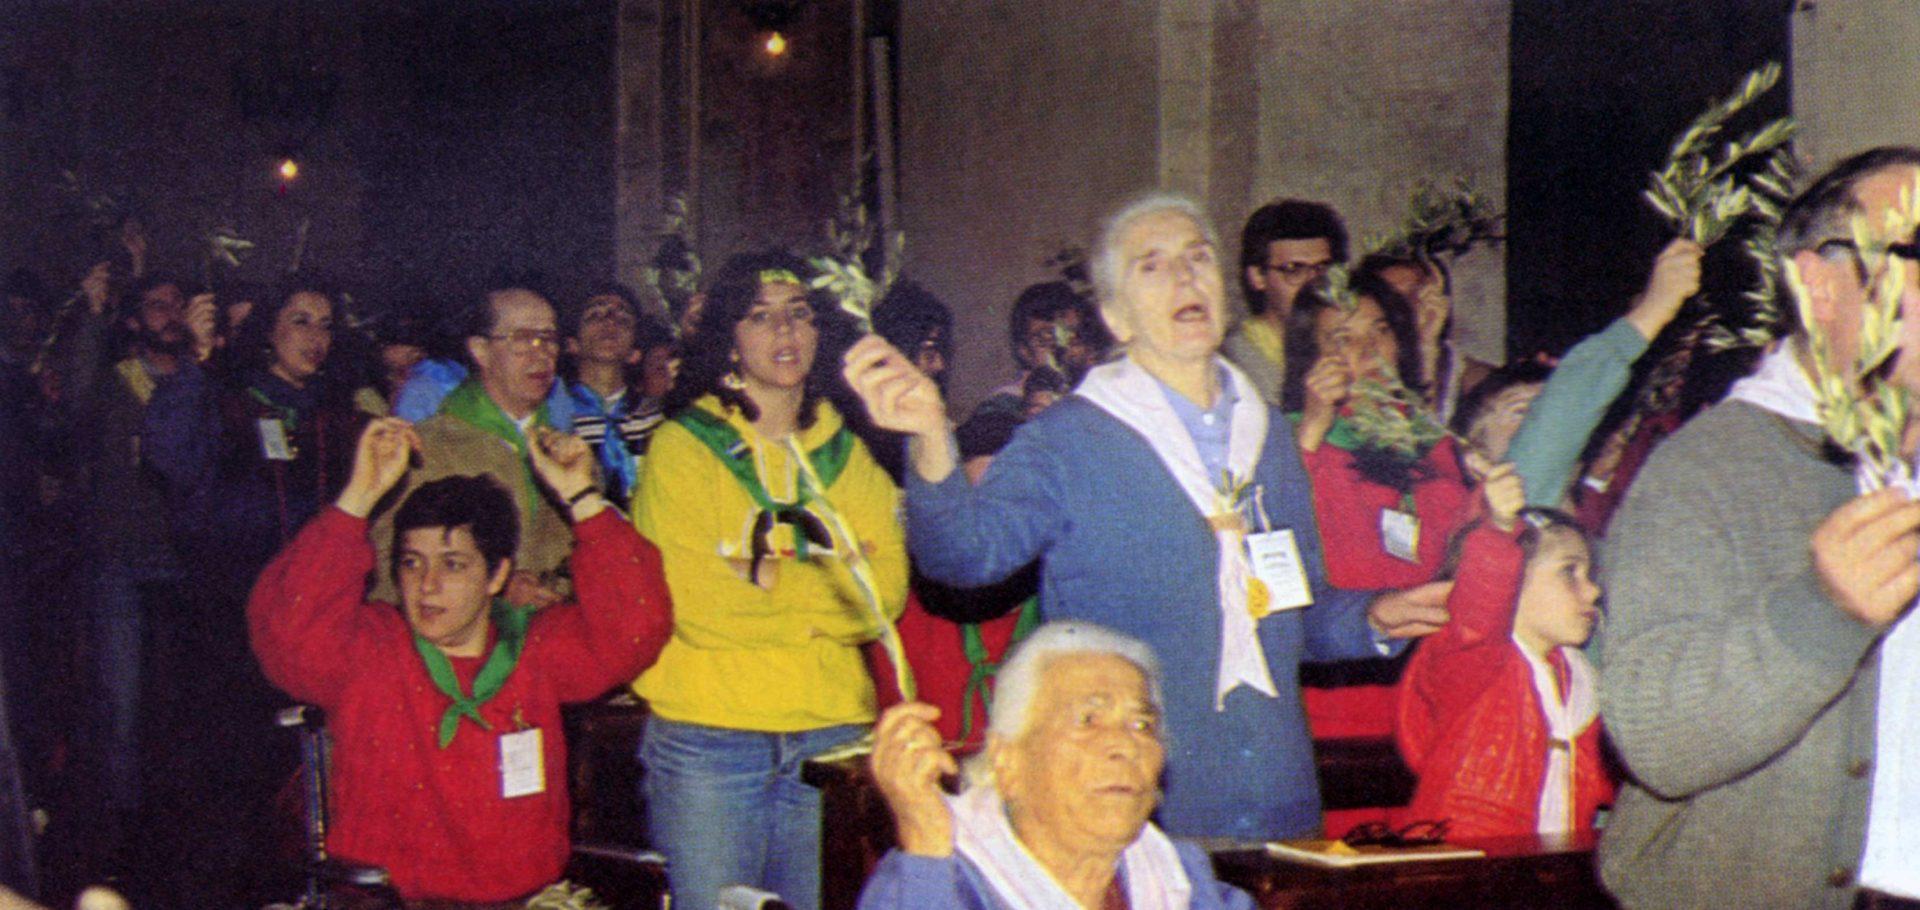 020 - Le foto del pellegrinaggio di Assisi 1986 - Ombre e Luci n.14, 1986